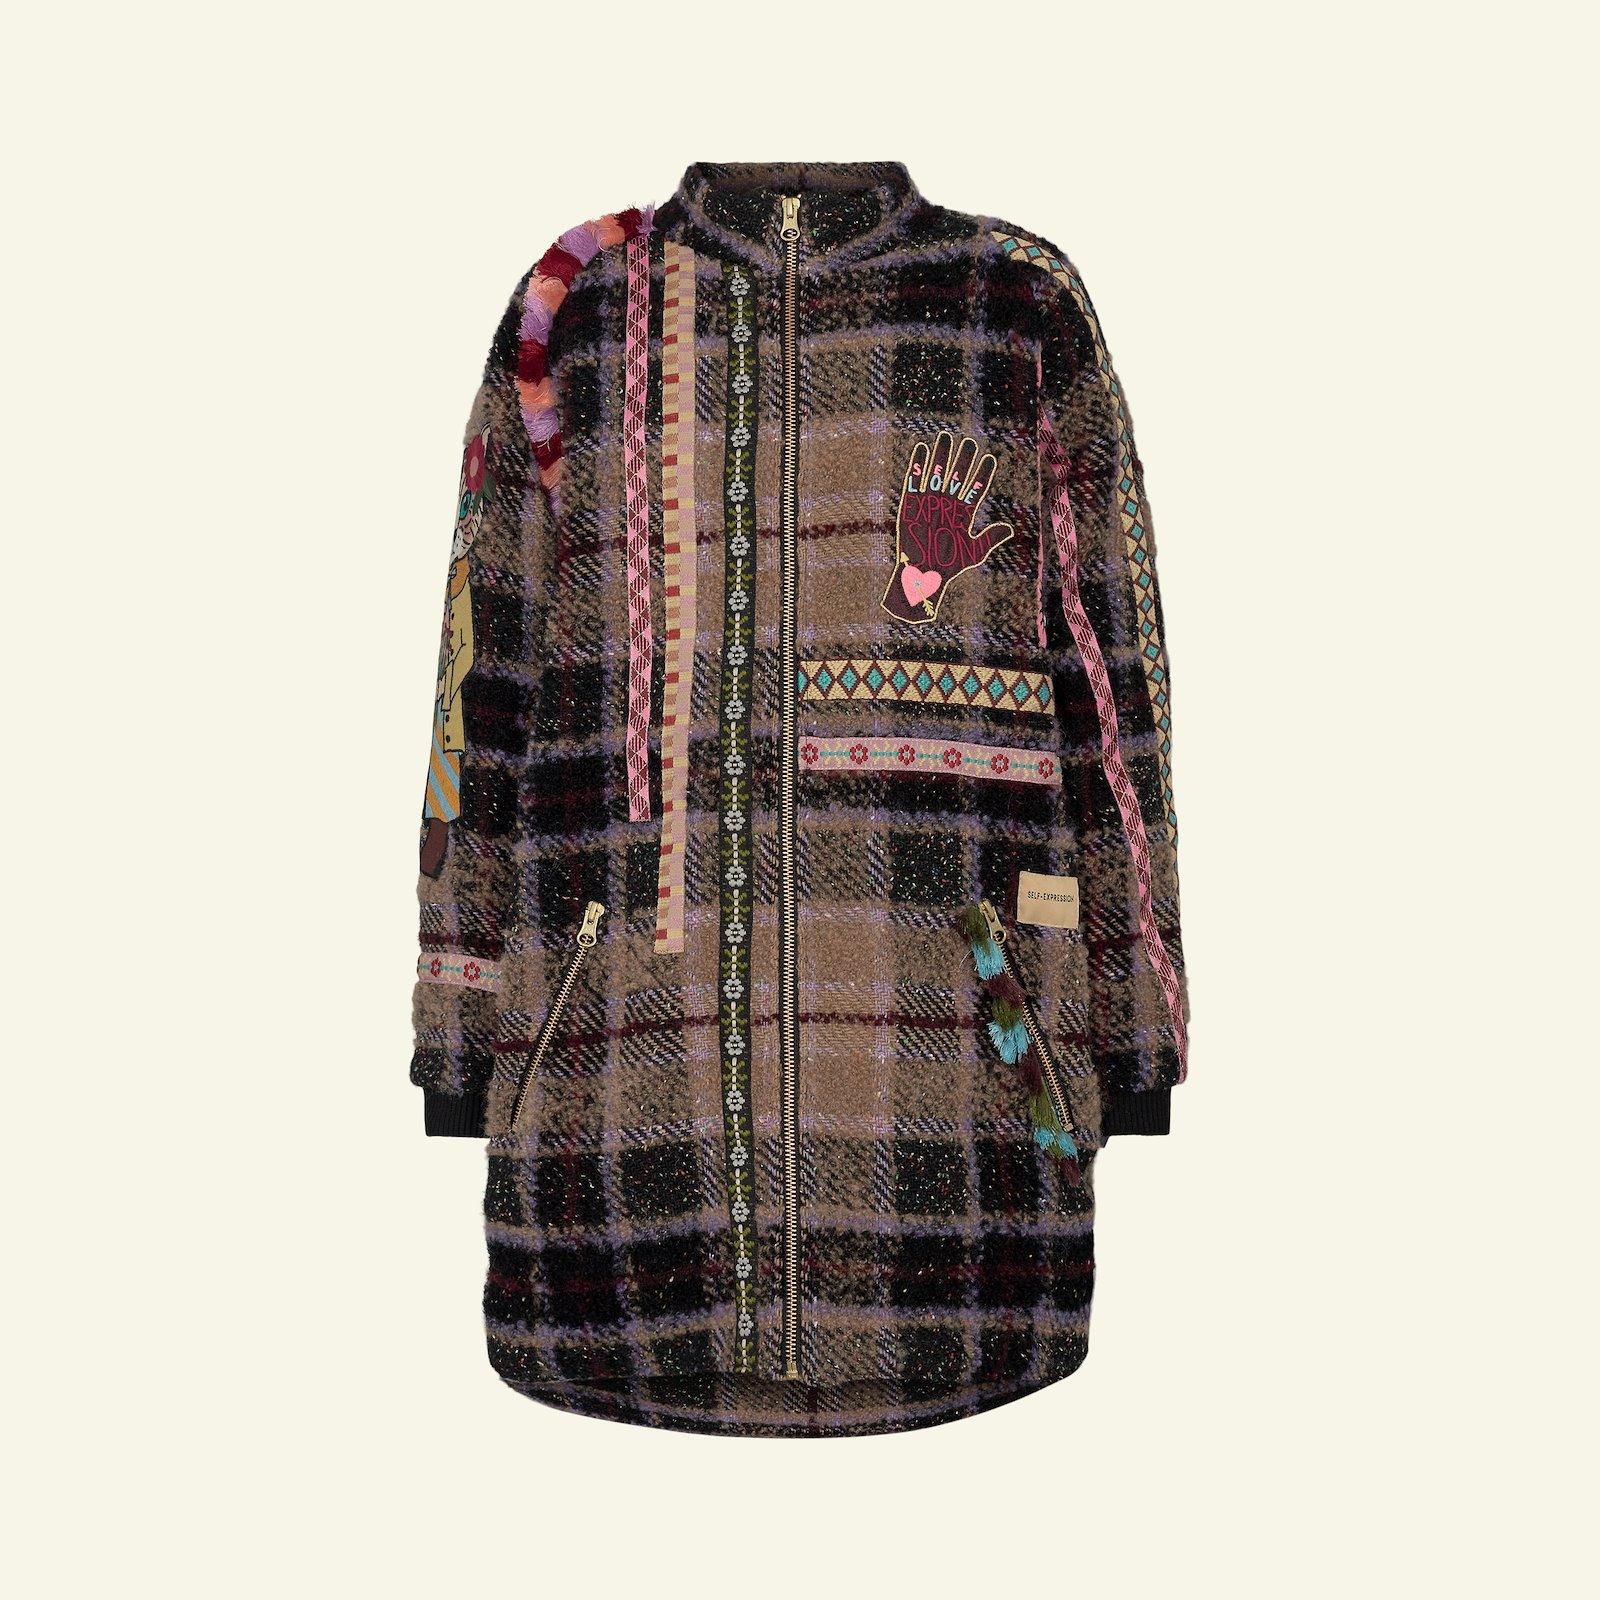 Jacket with raglan sleeves, 152/12y p64019_300228_3243_22399_22409_22410_22364_22411_22402_22360_22362_24842_24839_sskit